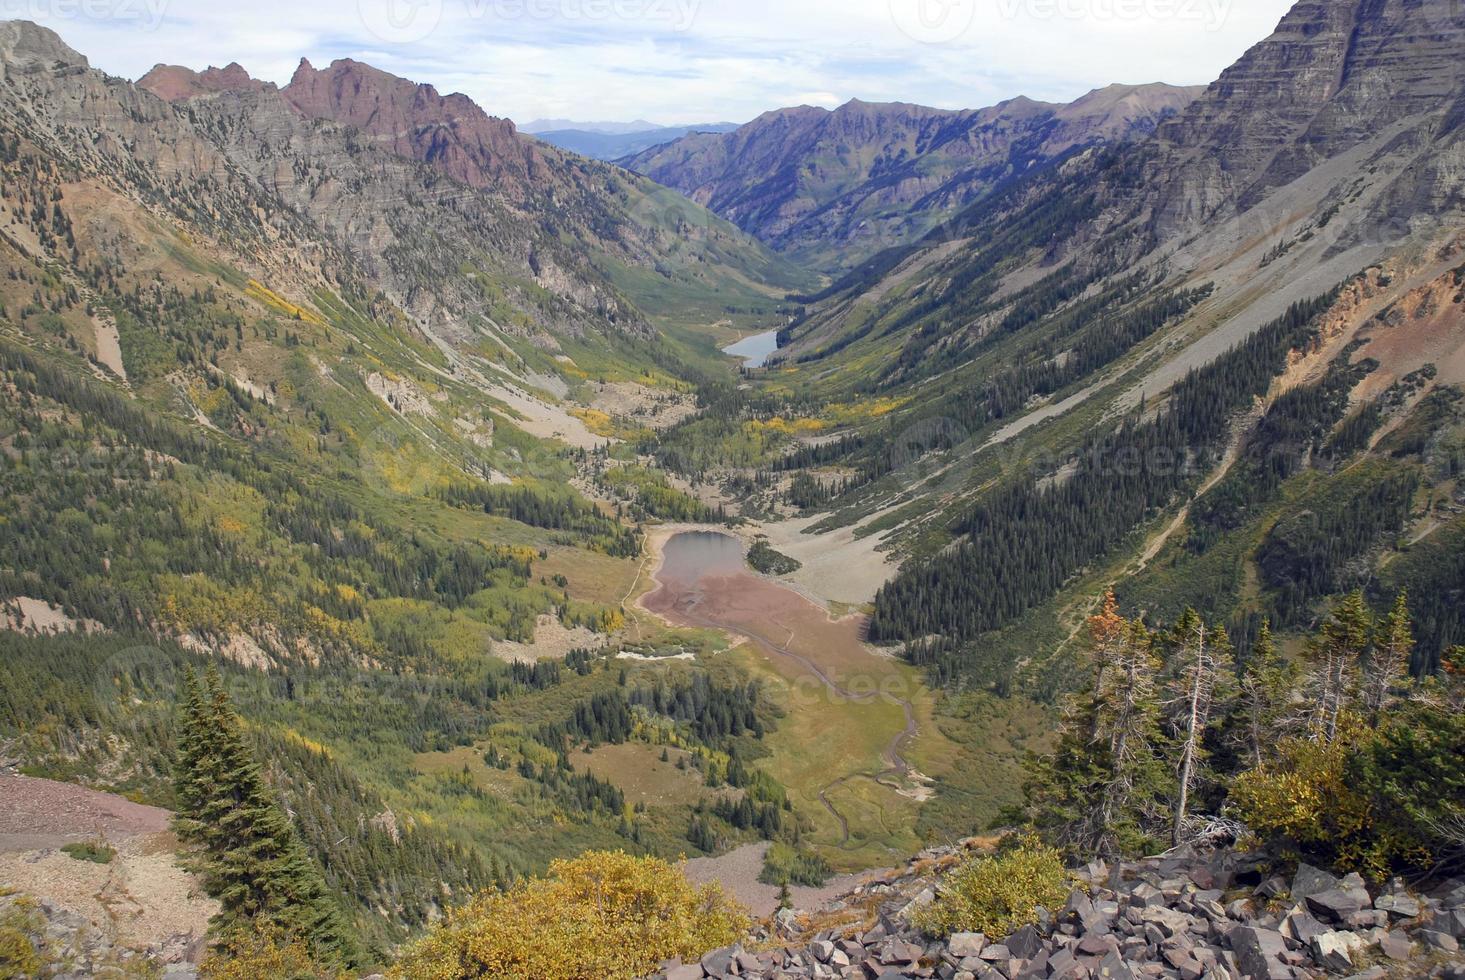 escursioni nel fogliame autunnale, montagne rocciose, colorado foto